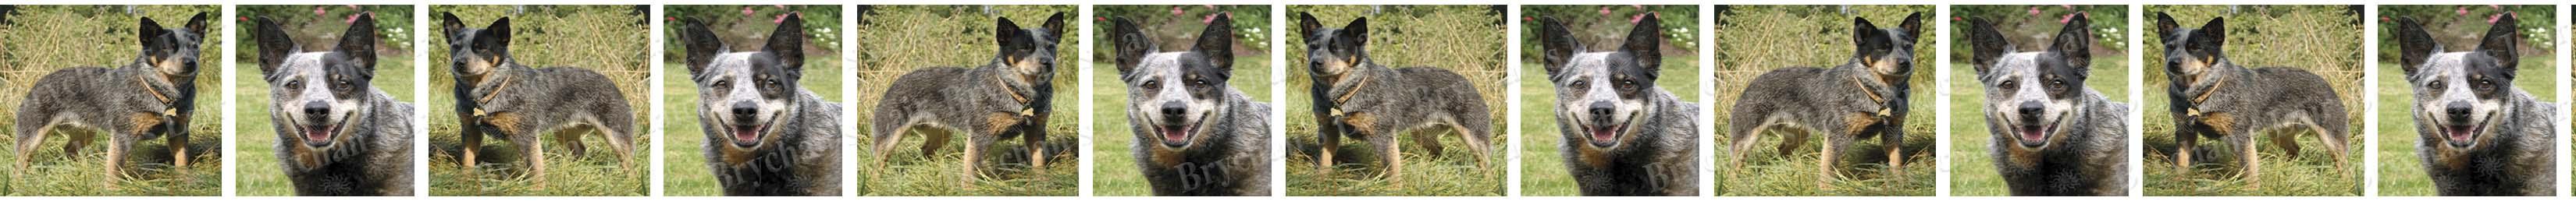 Australian Cattle Dog Breed Custom Printed Grosgrain Ribbon